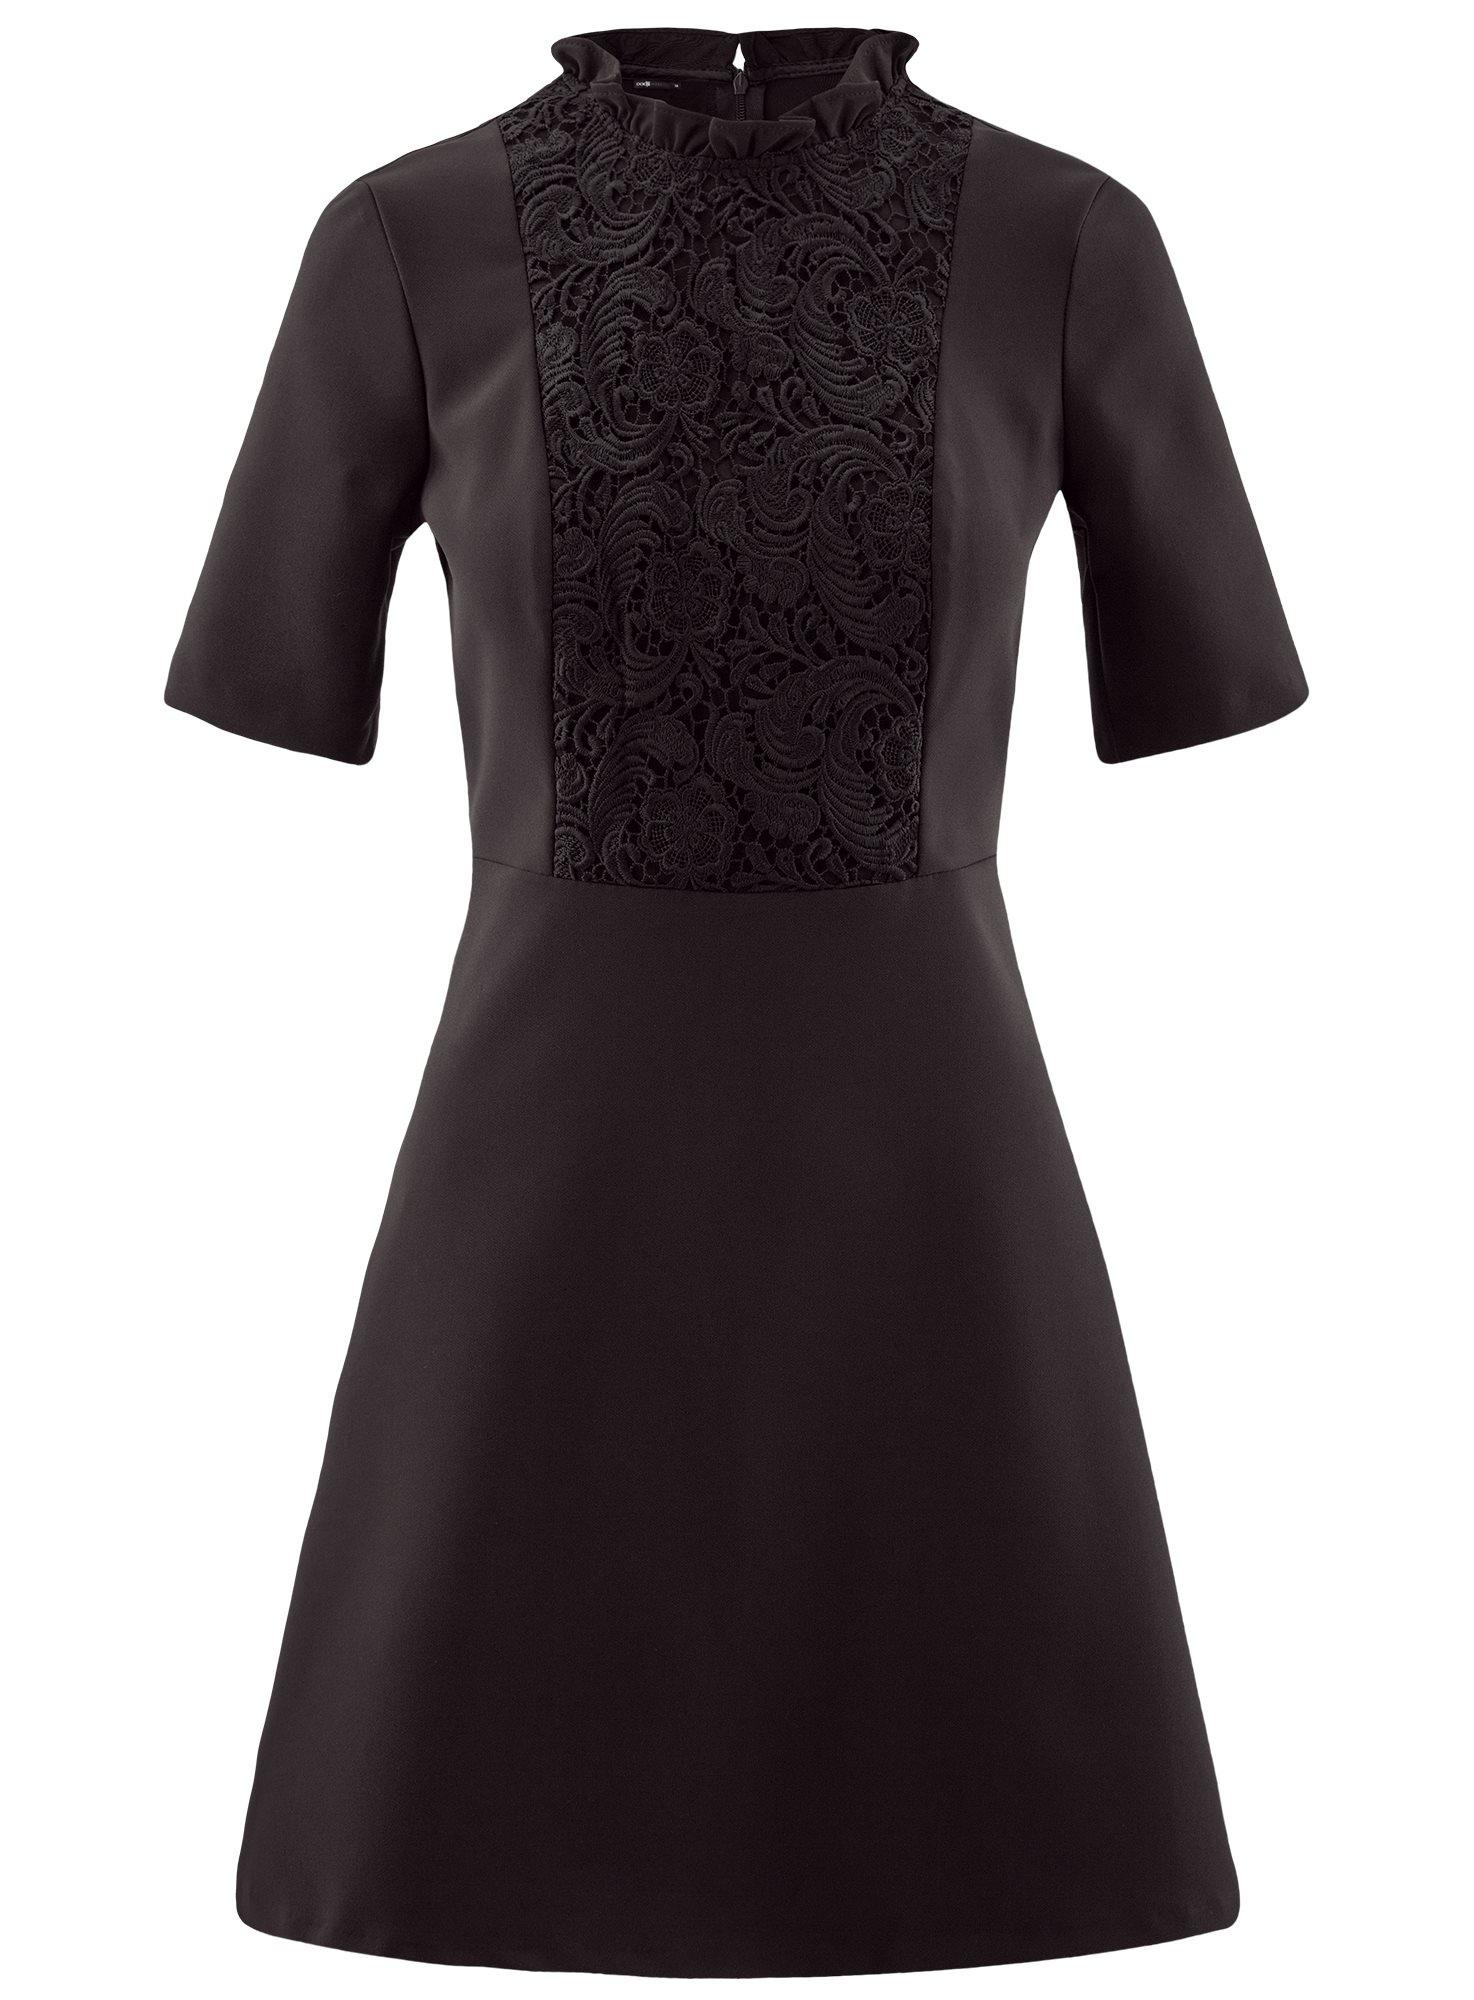 Платье с декоративной отделкой горловины и вставкой из кружева oodji для женщины (черный), 11913033/42250/2900N